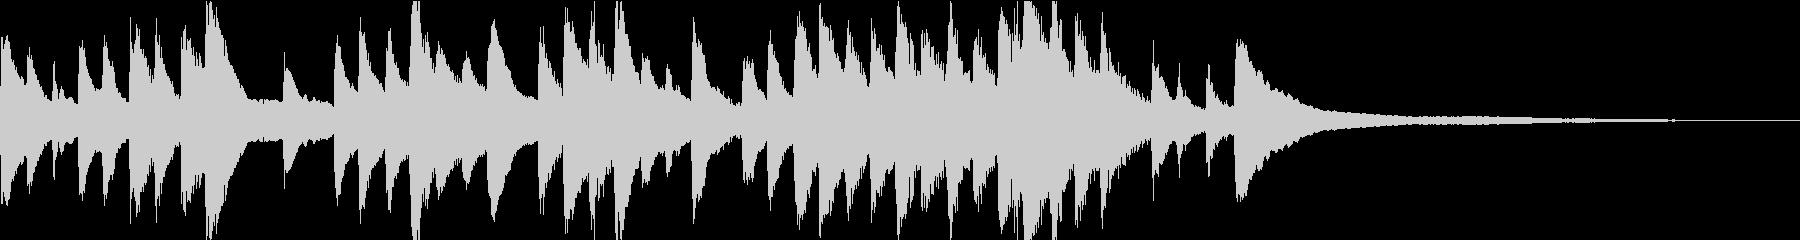 ゲーム・CM向け穏やかなピアノソロの未再生の波形